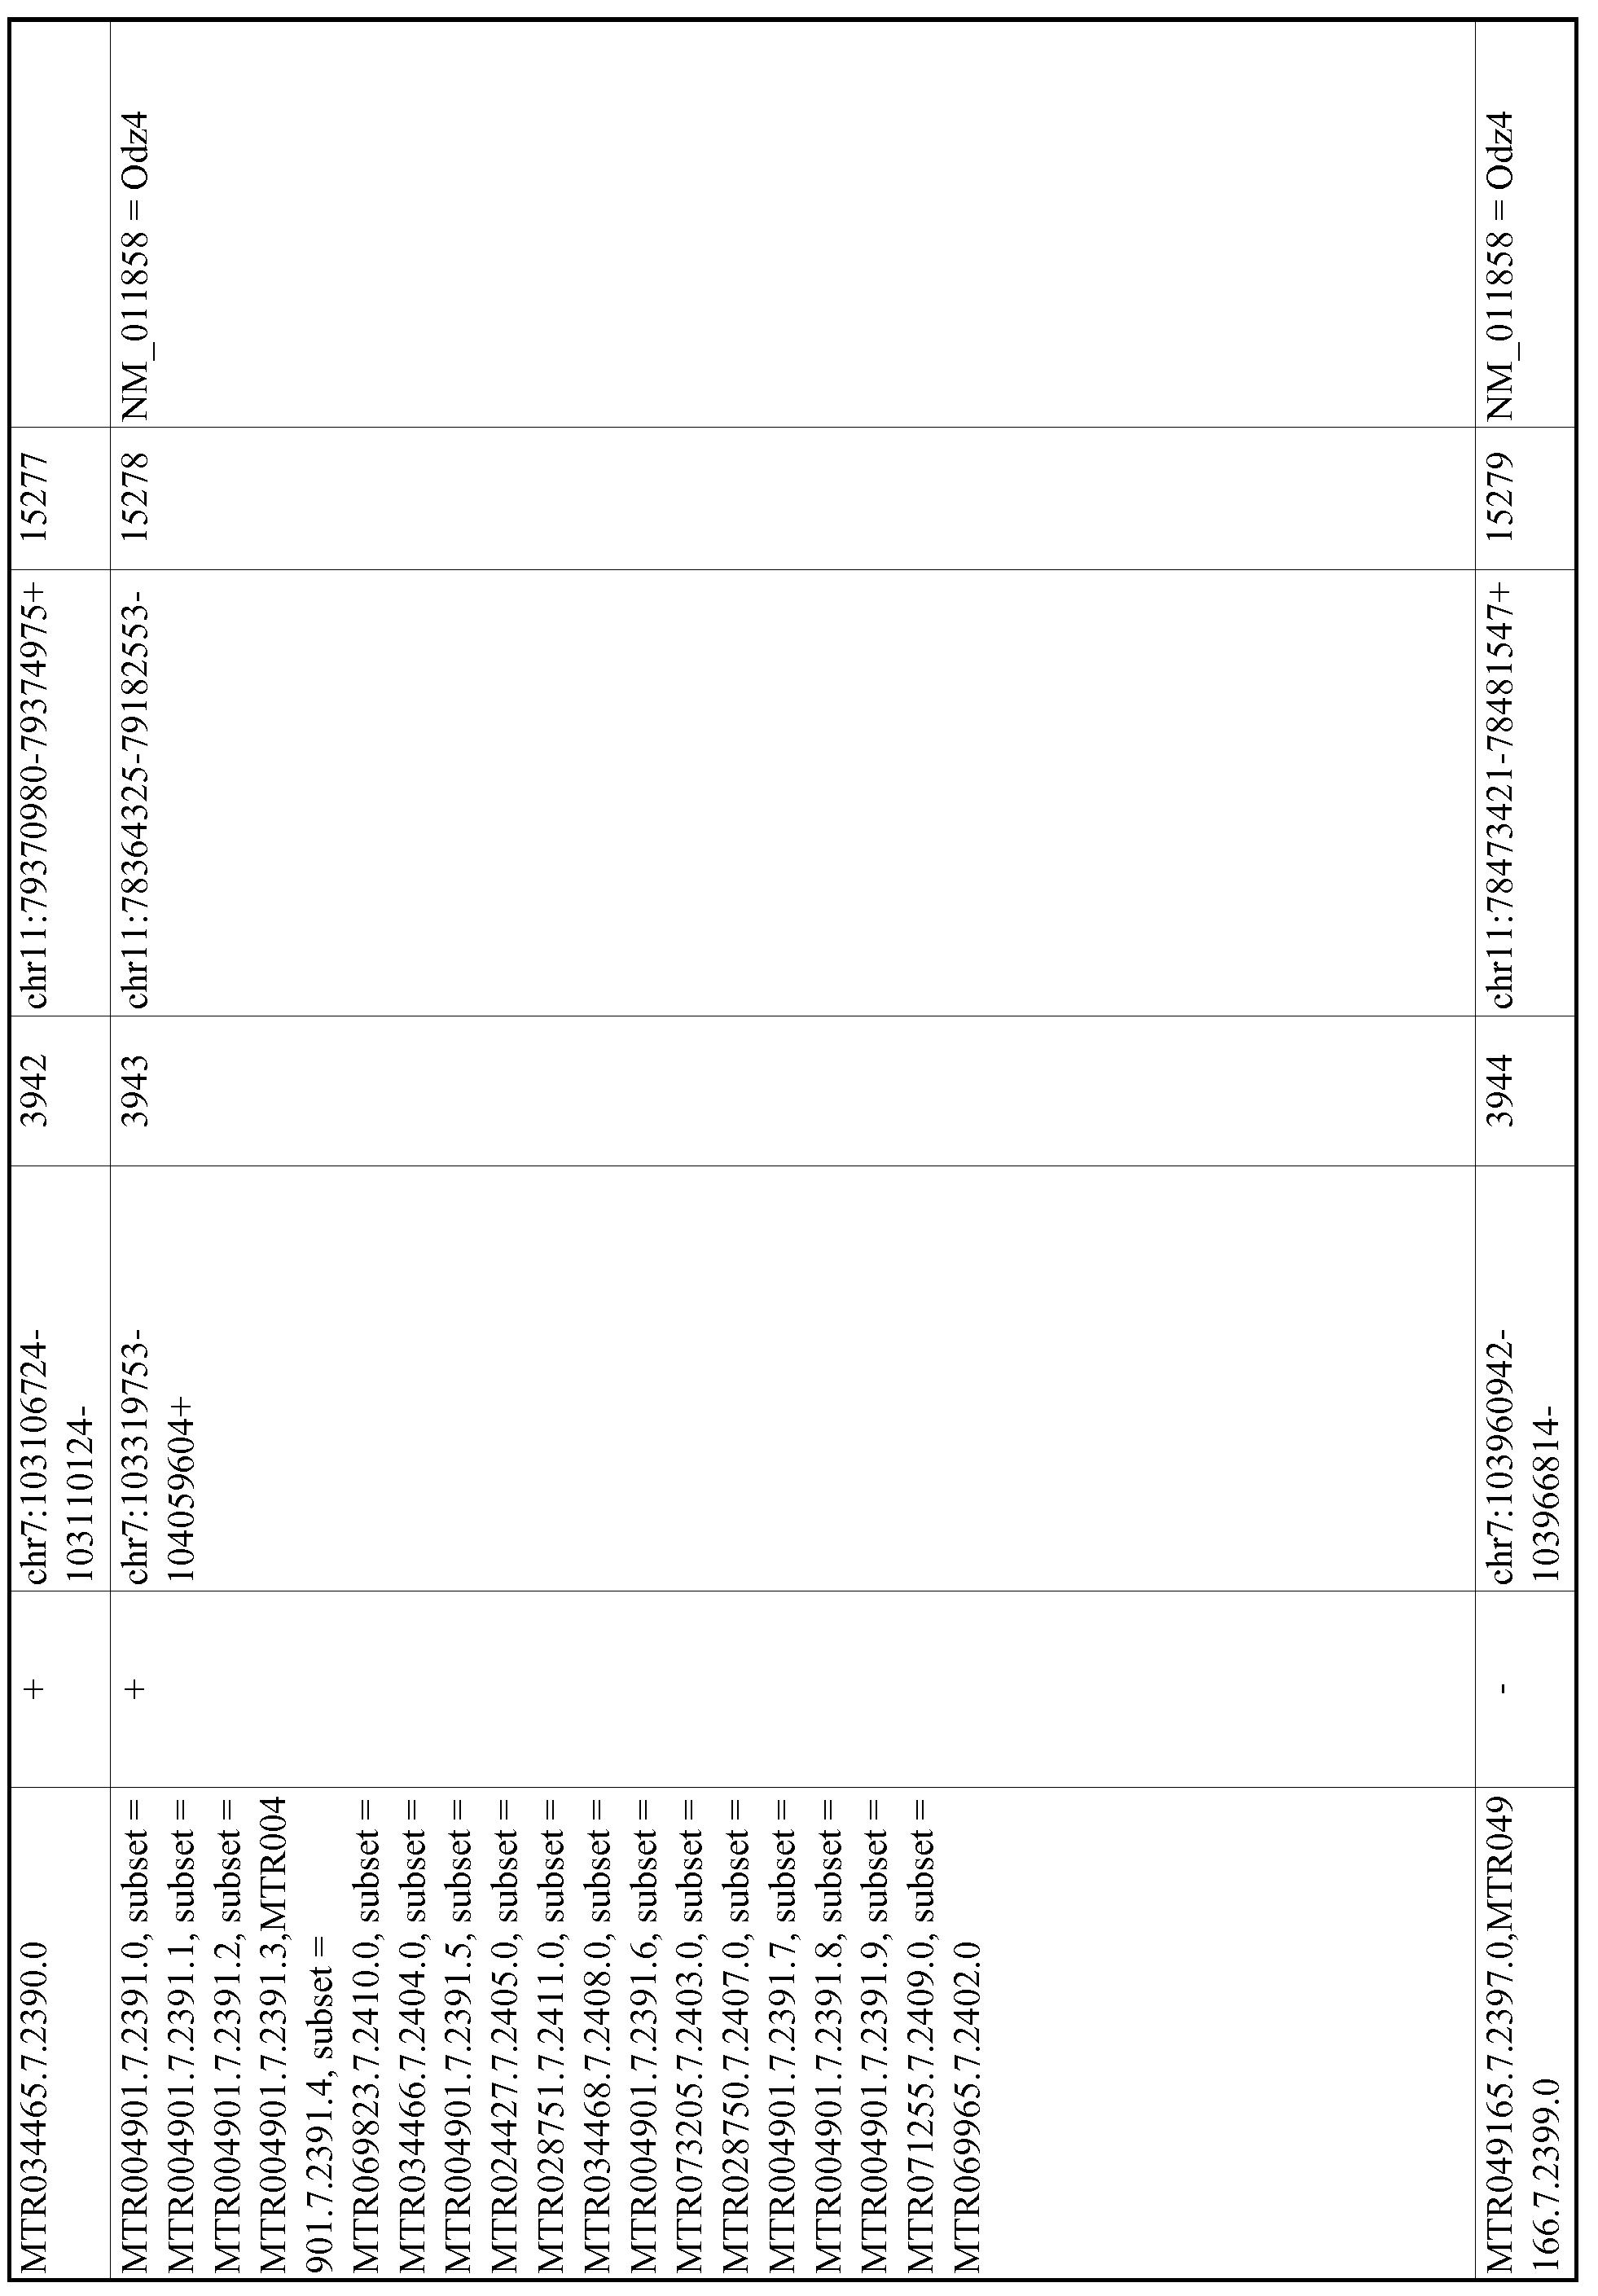 Figure imgf000753_0001